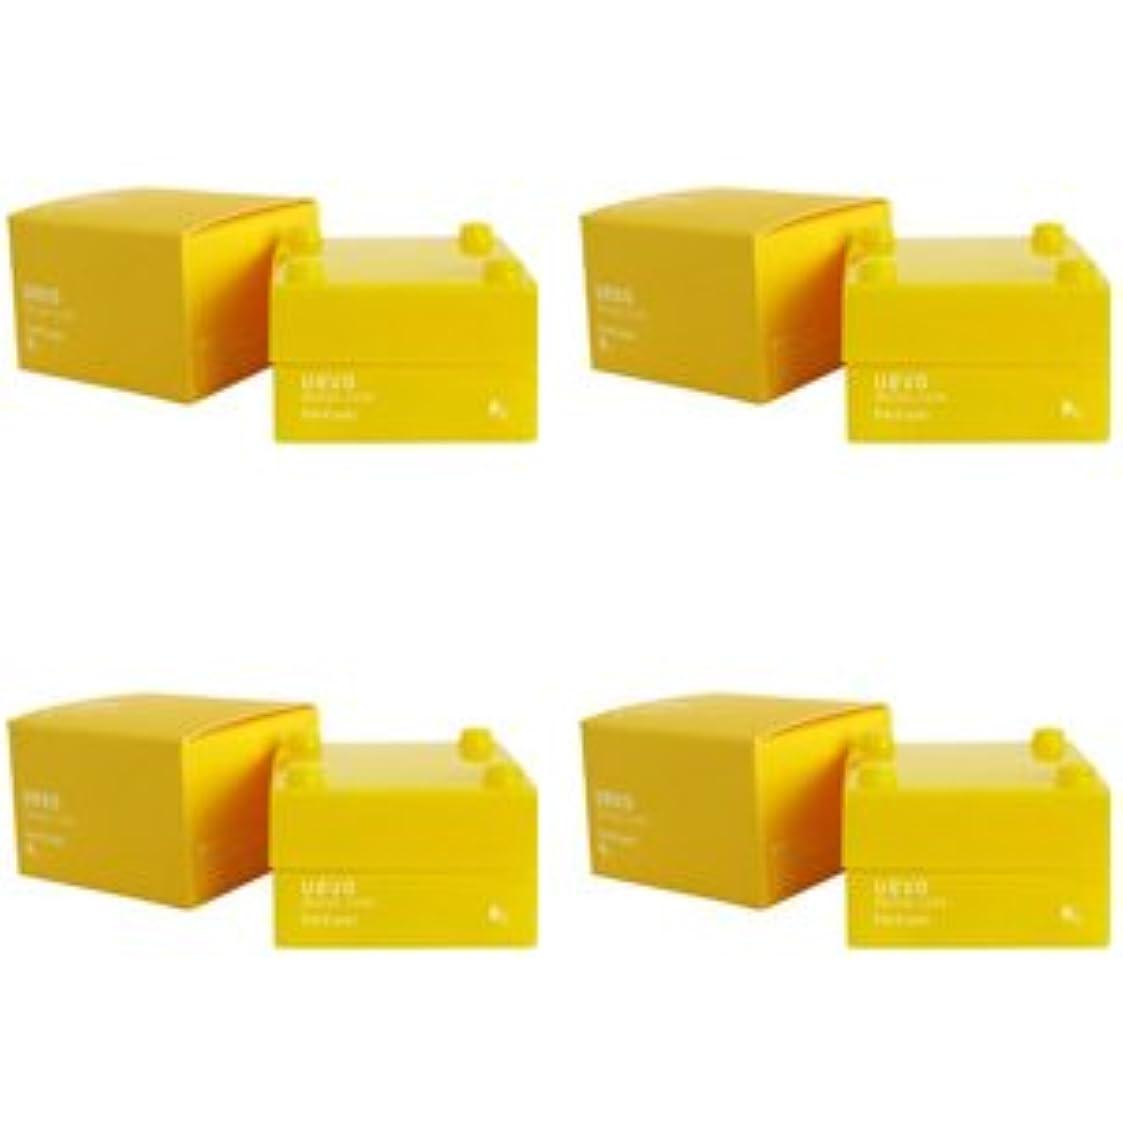 独立したドループ系統的【X4個セット】 デミ ウェーボ デザインキューブ ハードワックス 30g hard wax DEMI uevo design cube